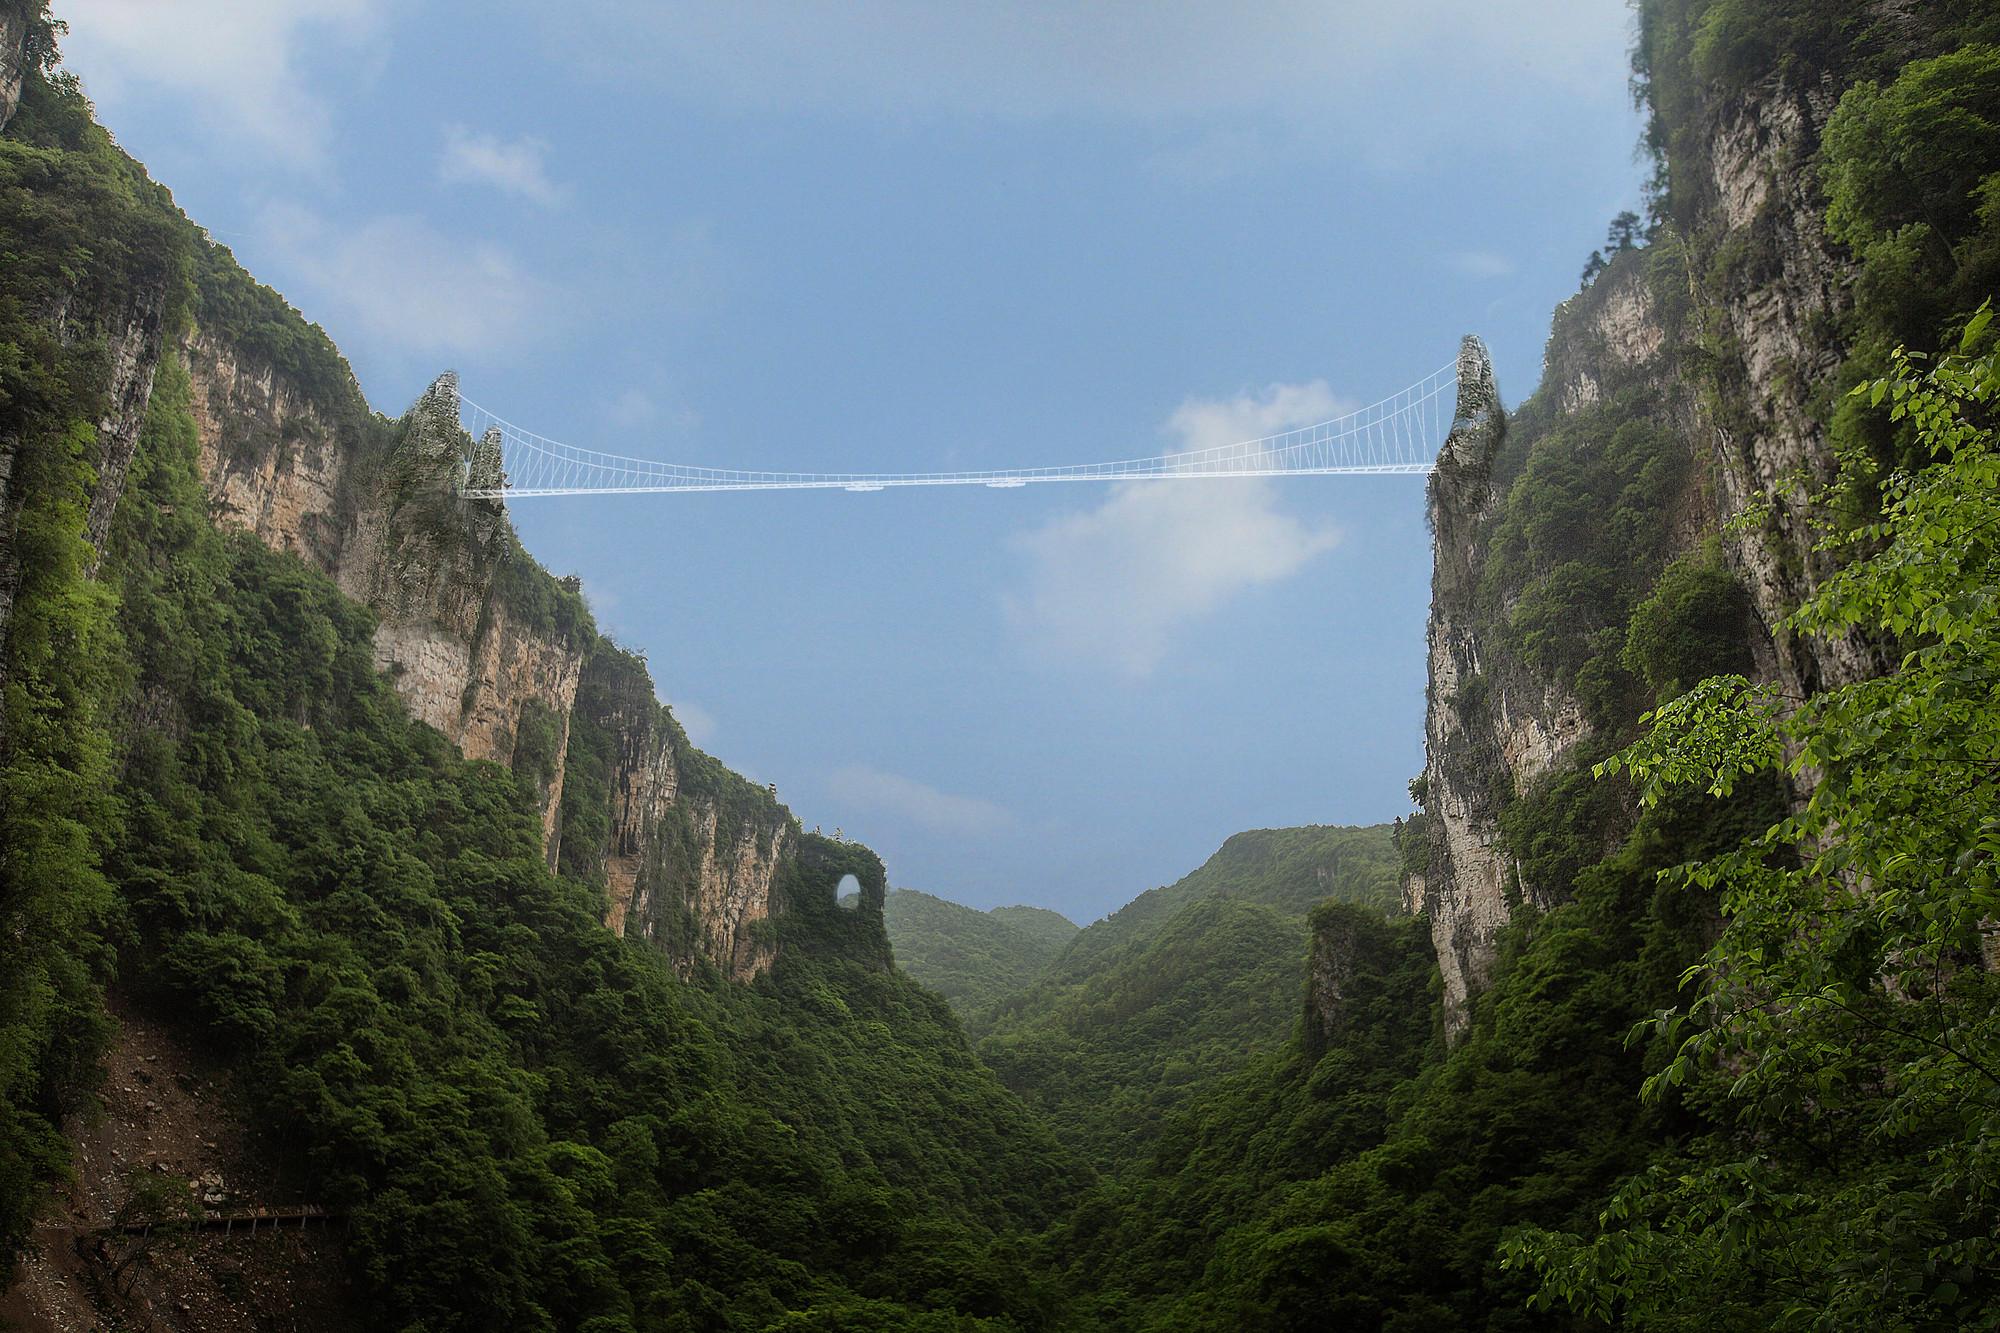 China Set to Open World's Longest and Highest Glass-Bottom Bridge, Courtesy of Haim Dotan Ltd. Architects and Urban Designers